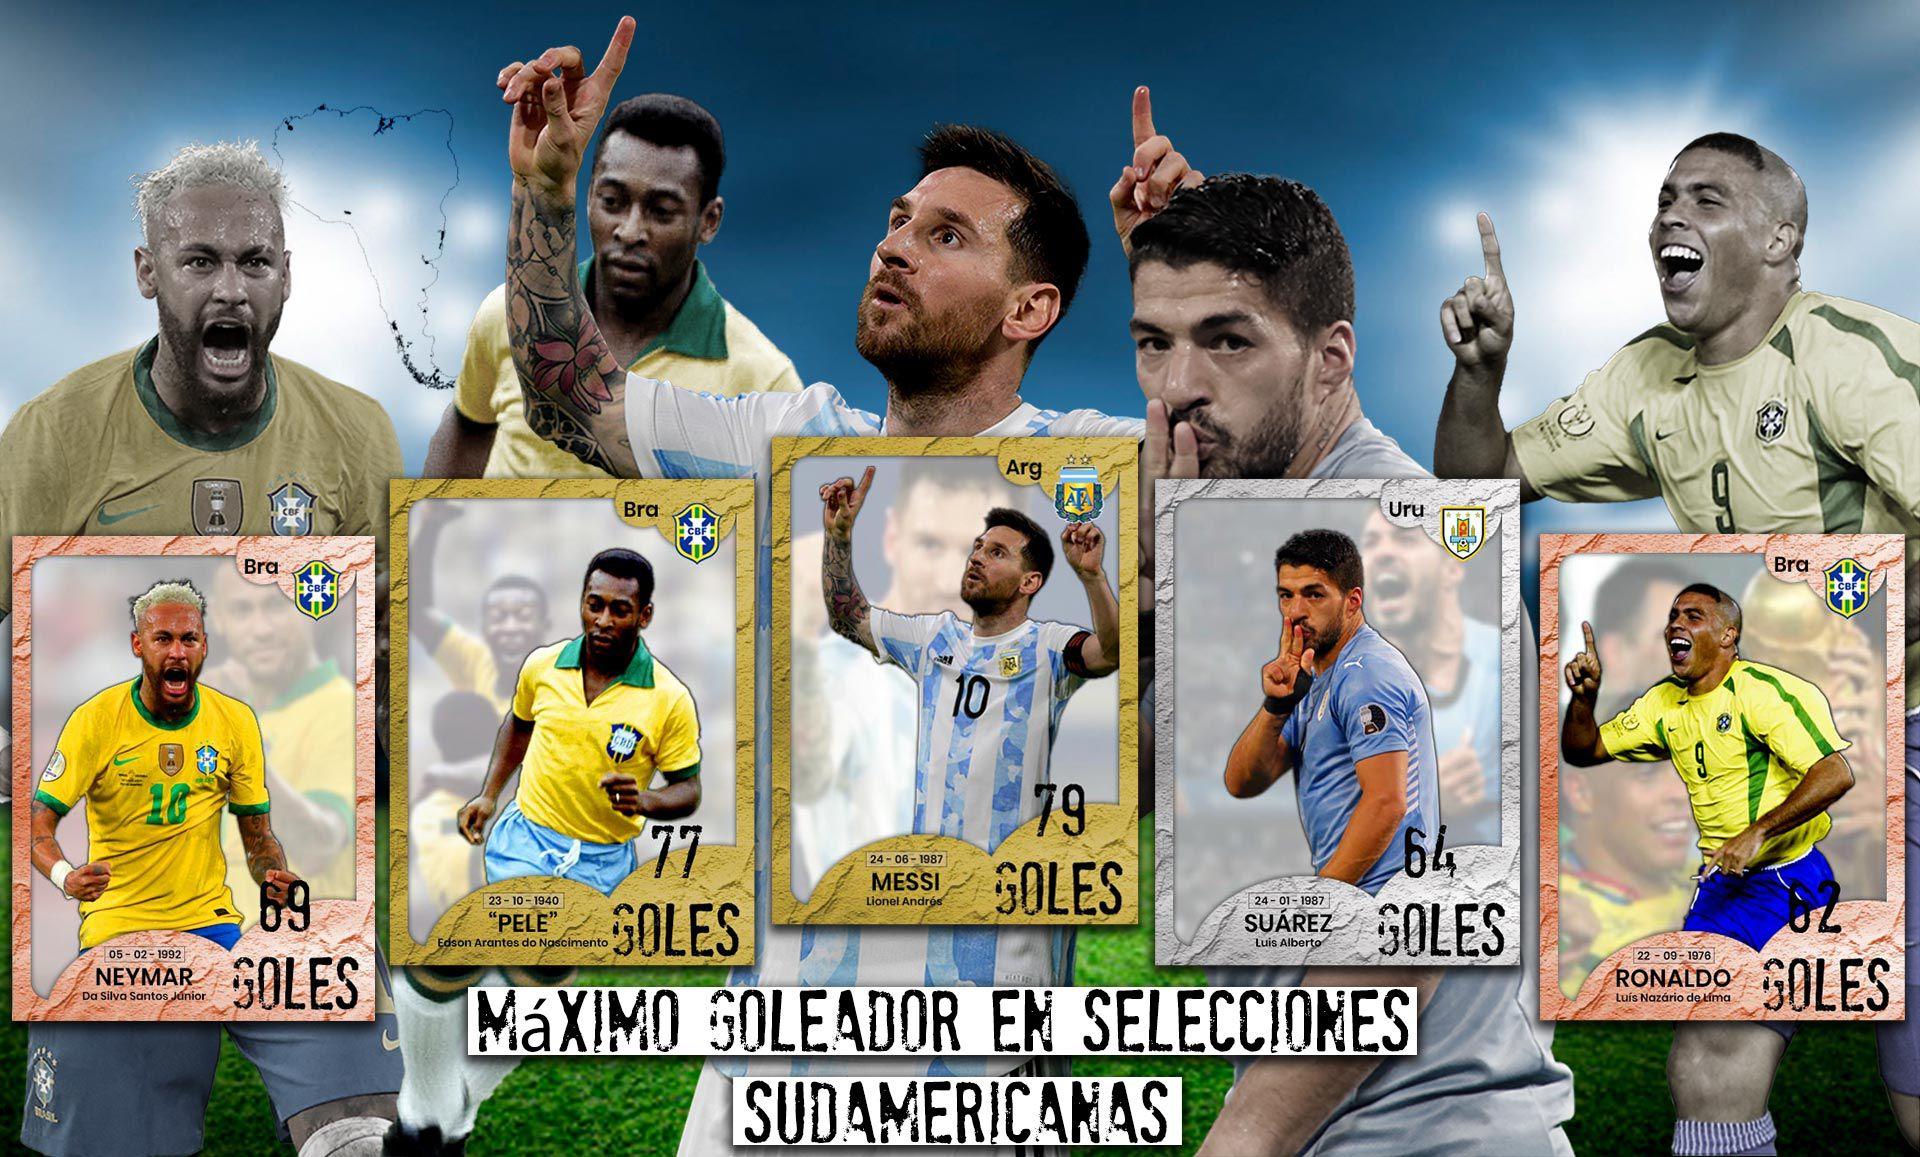 Maximo goleadores en selecciones sudamericanas MESSI GOL 79